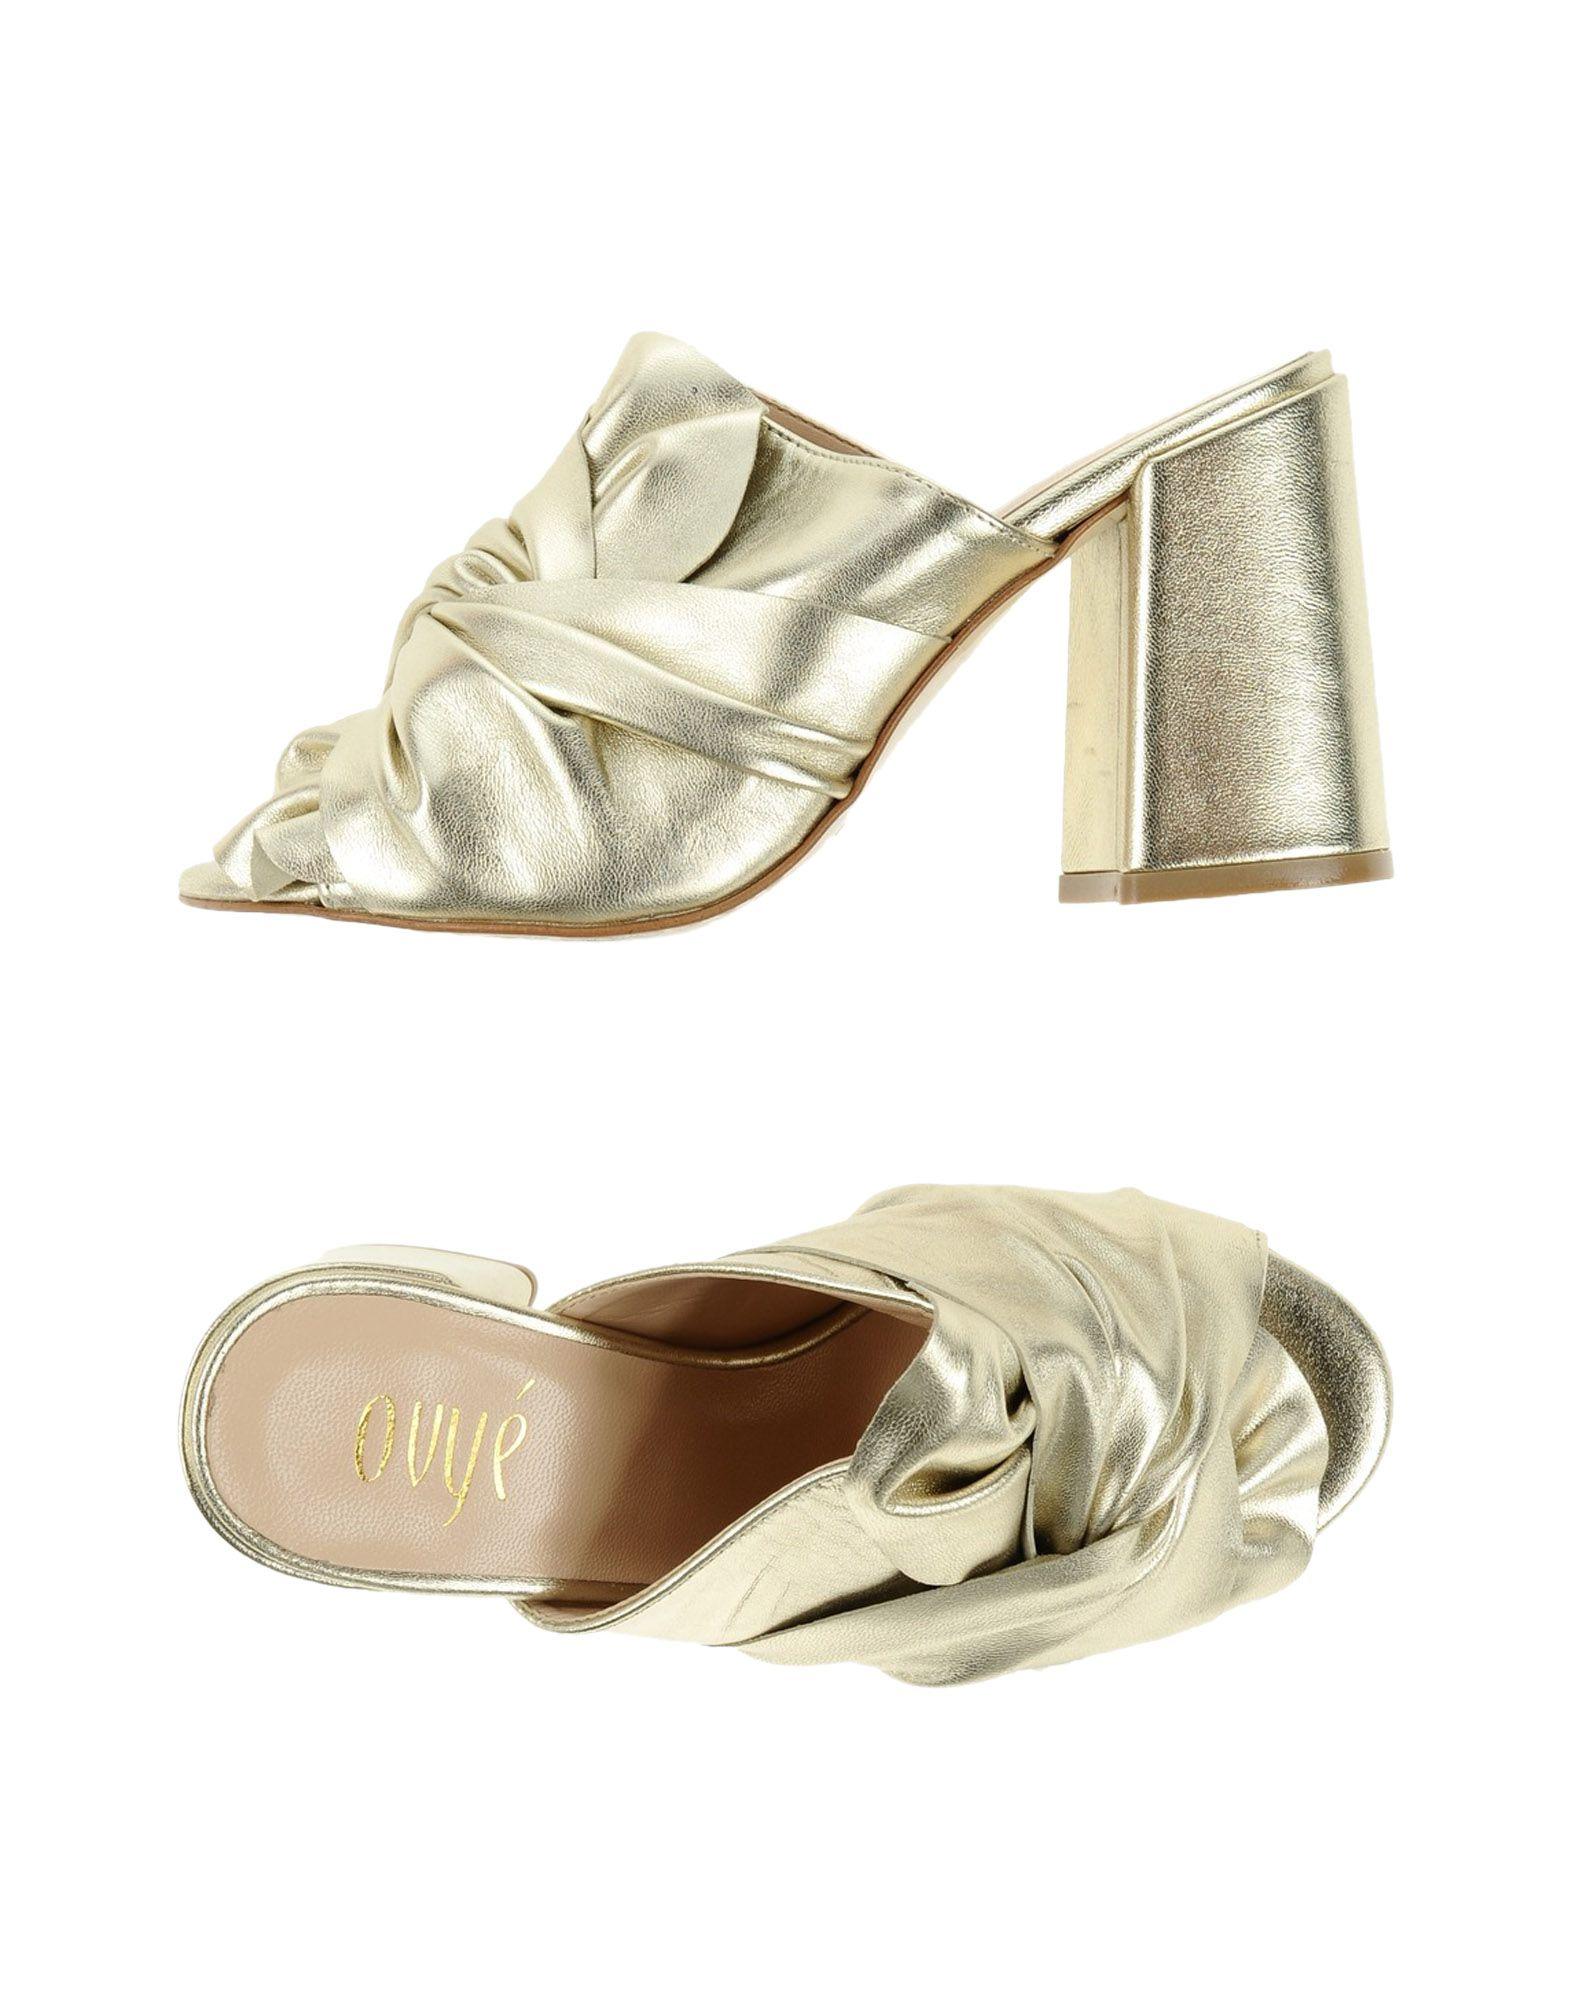 Ovye' By Cristina Lucchi Sandalen Damen  11336237GC Gute Qualität beliebte Schuhe